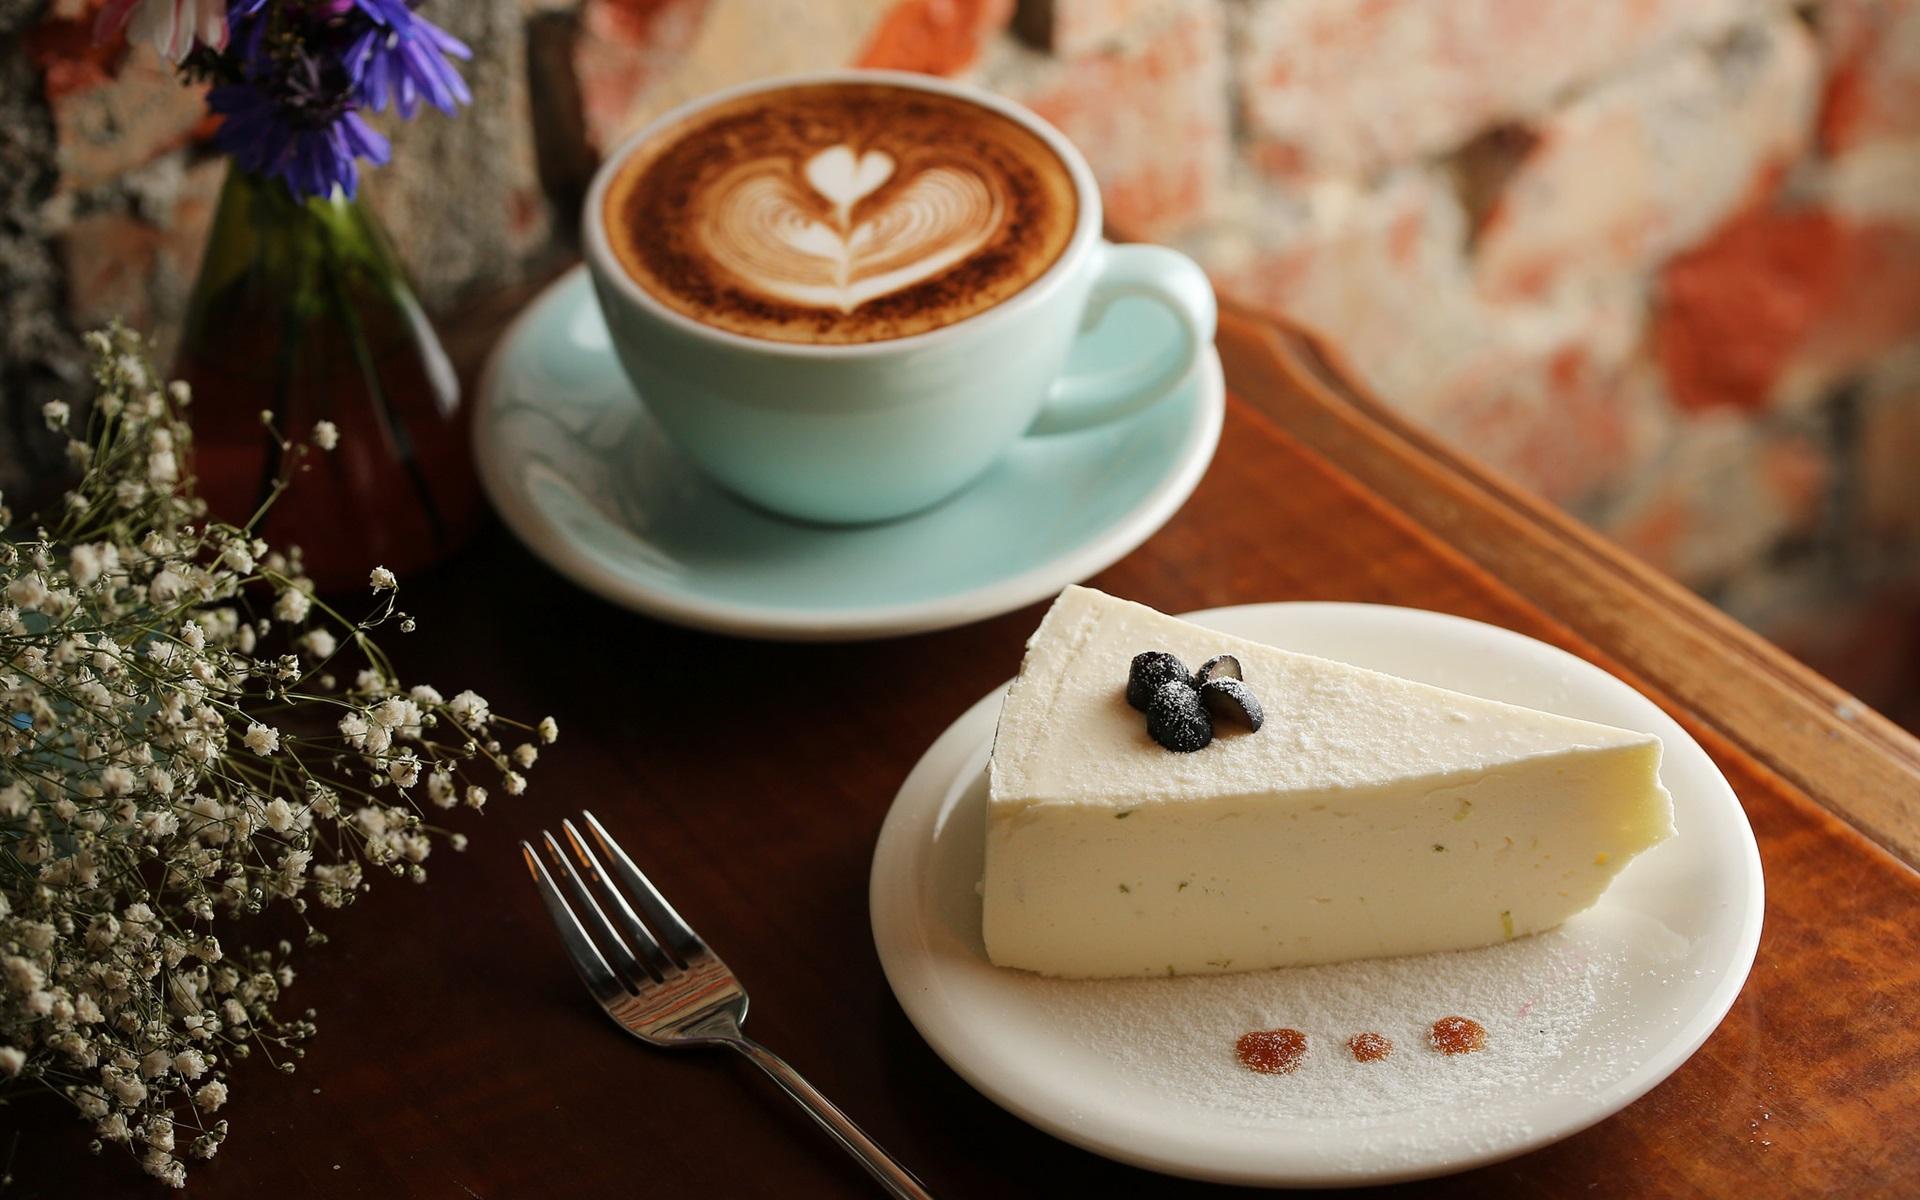 Святой вероники, кофе с пирожными картинки